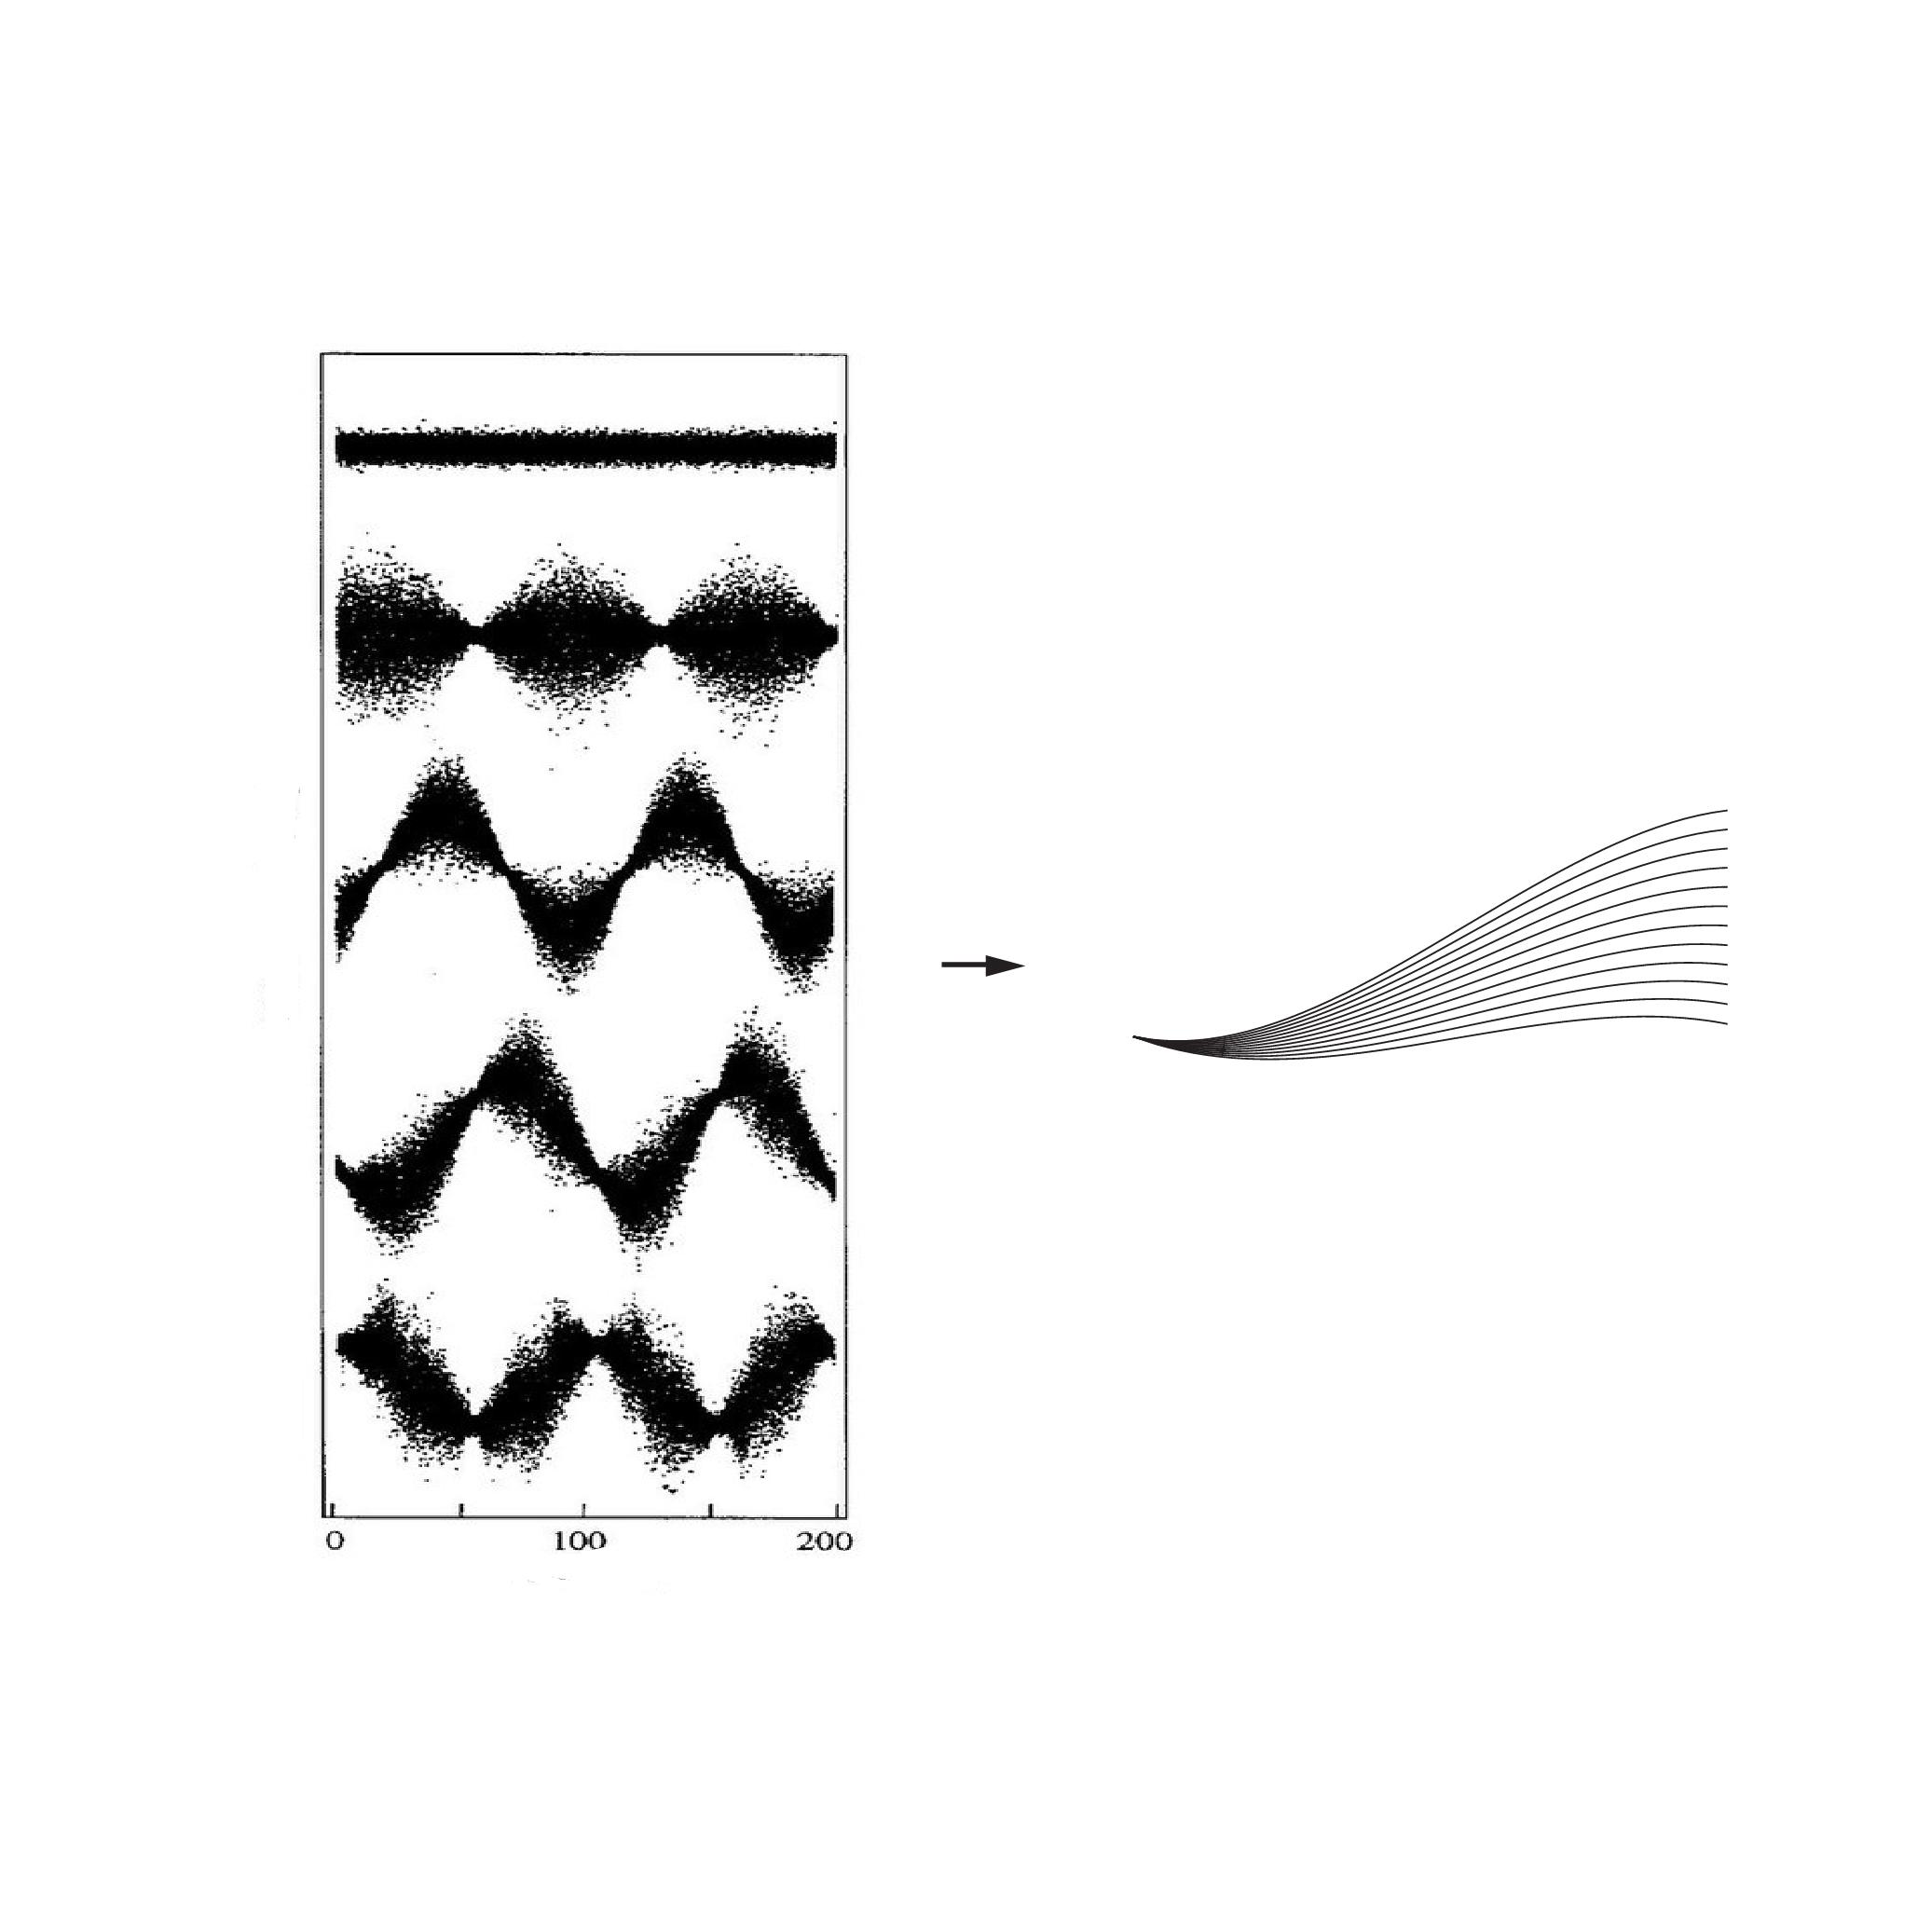 Bitflow-studio-logo-scientific-project-civiq-concept